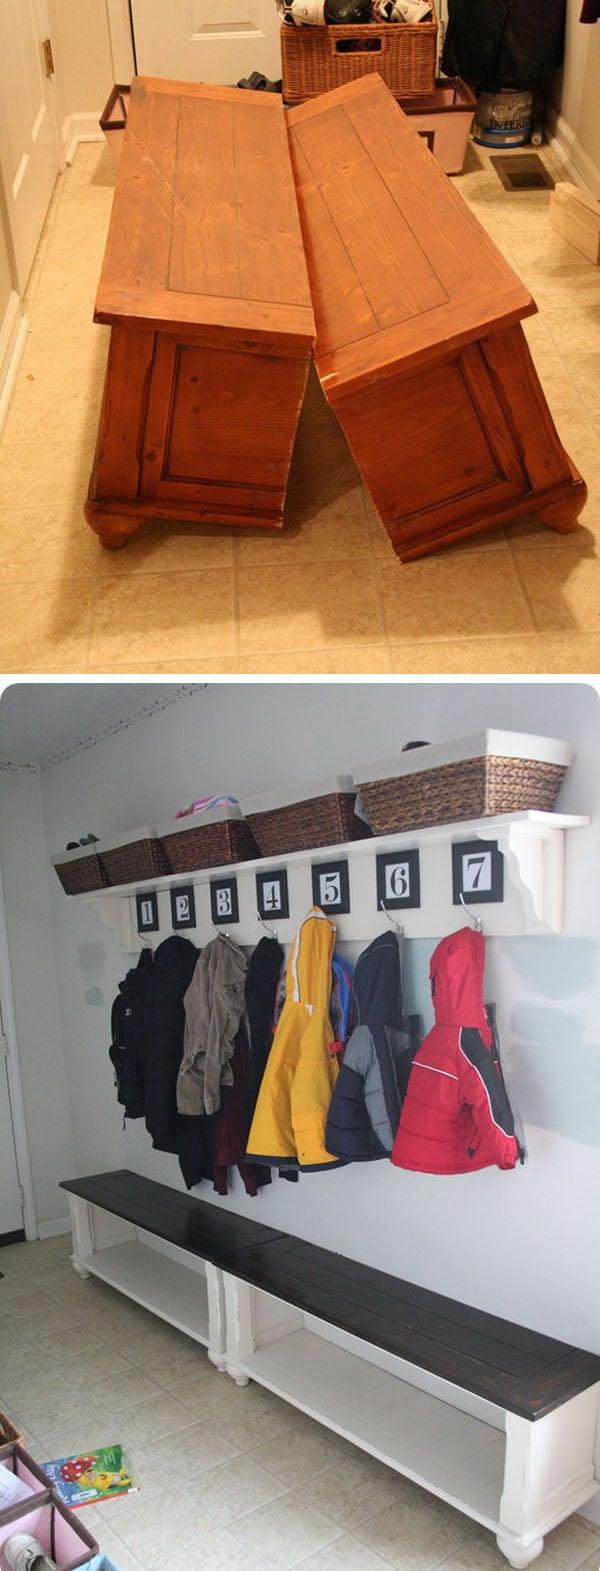 diy repurposed furniture. Turn An Old Coffee Table To A Mudroom Bench Diy Repurposed Furniture